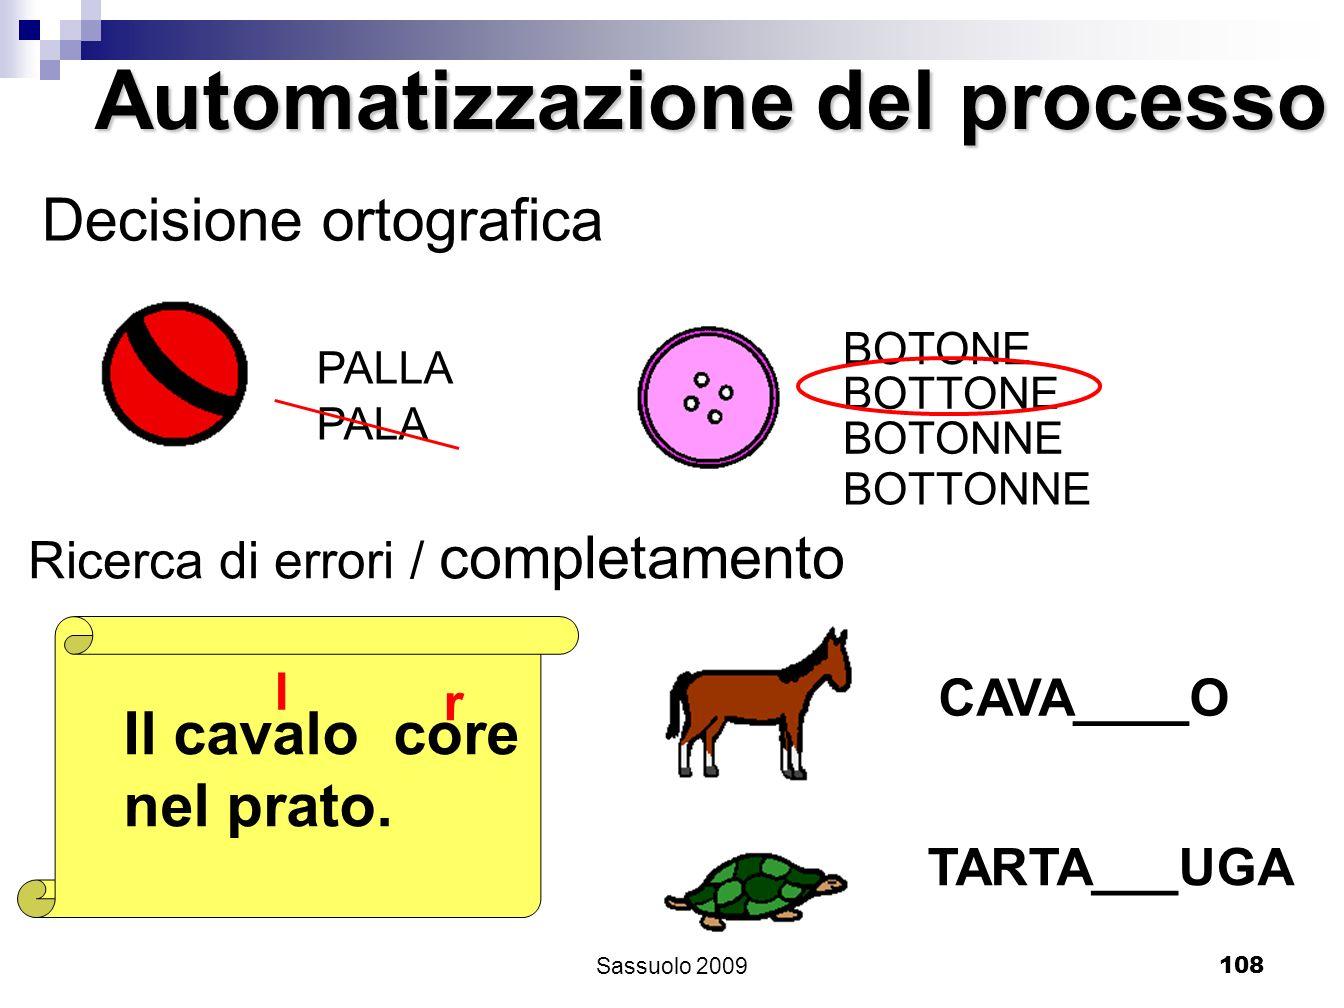 108 PALLA PALA Decisione ortografica BOTONE BOTTONE BOTONNE BOTTONNE Il cavalo core nel prato. l r Automatizzazione del processo Ricerca di errori / c